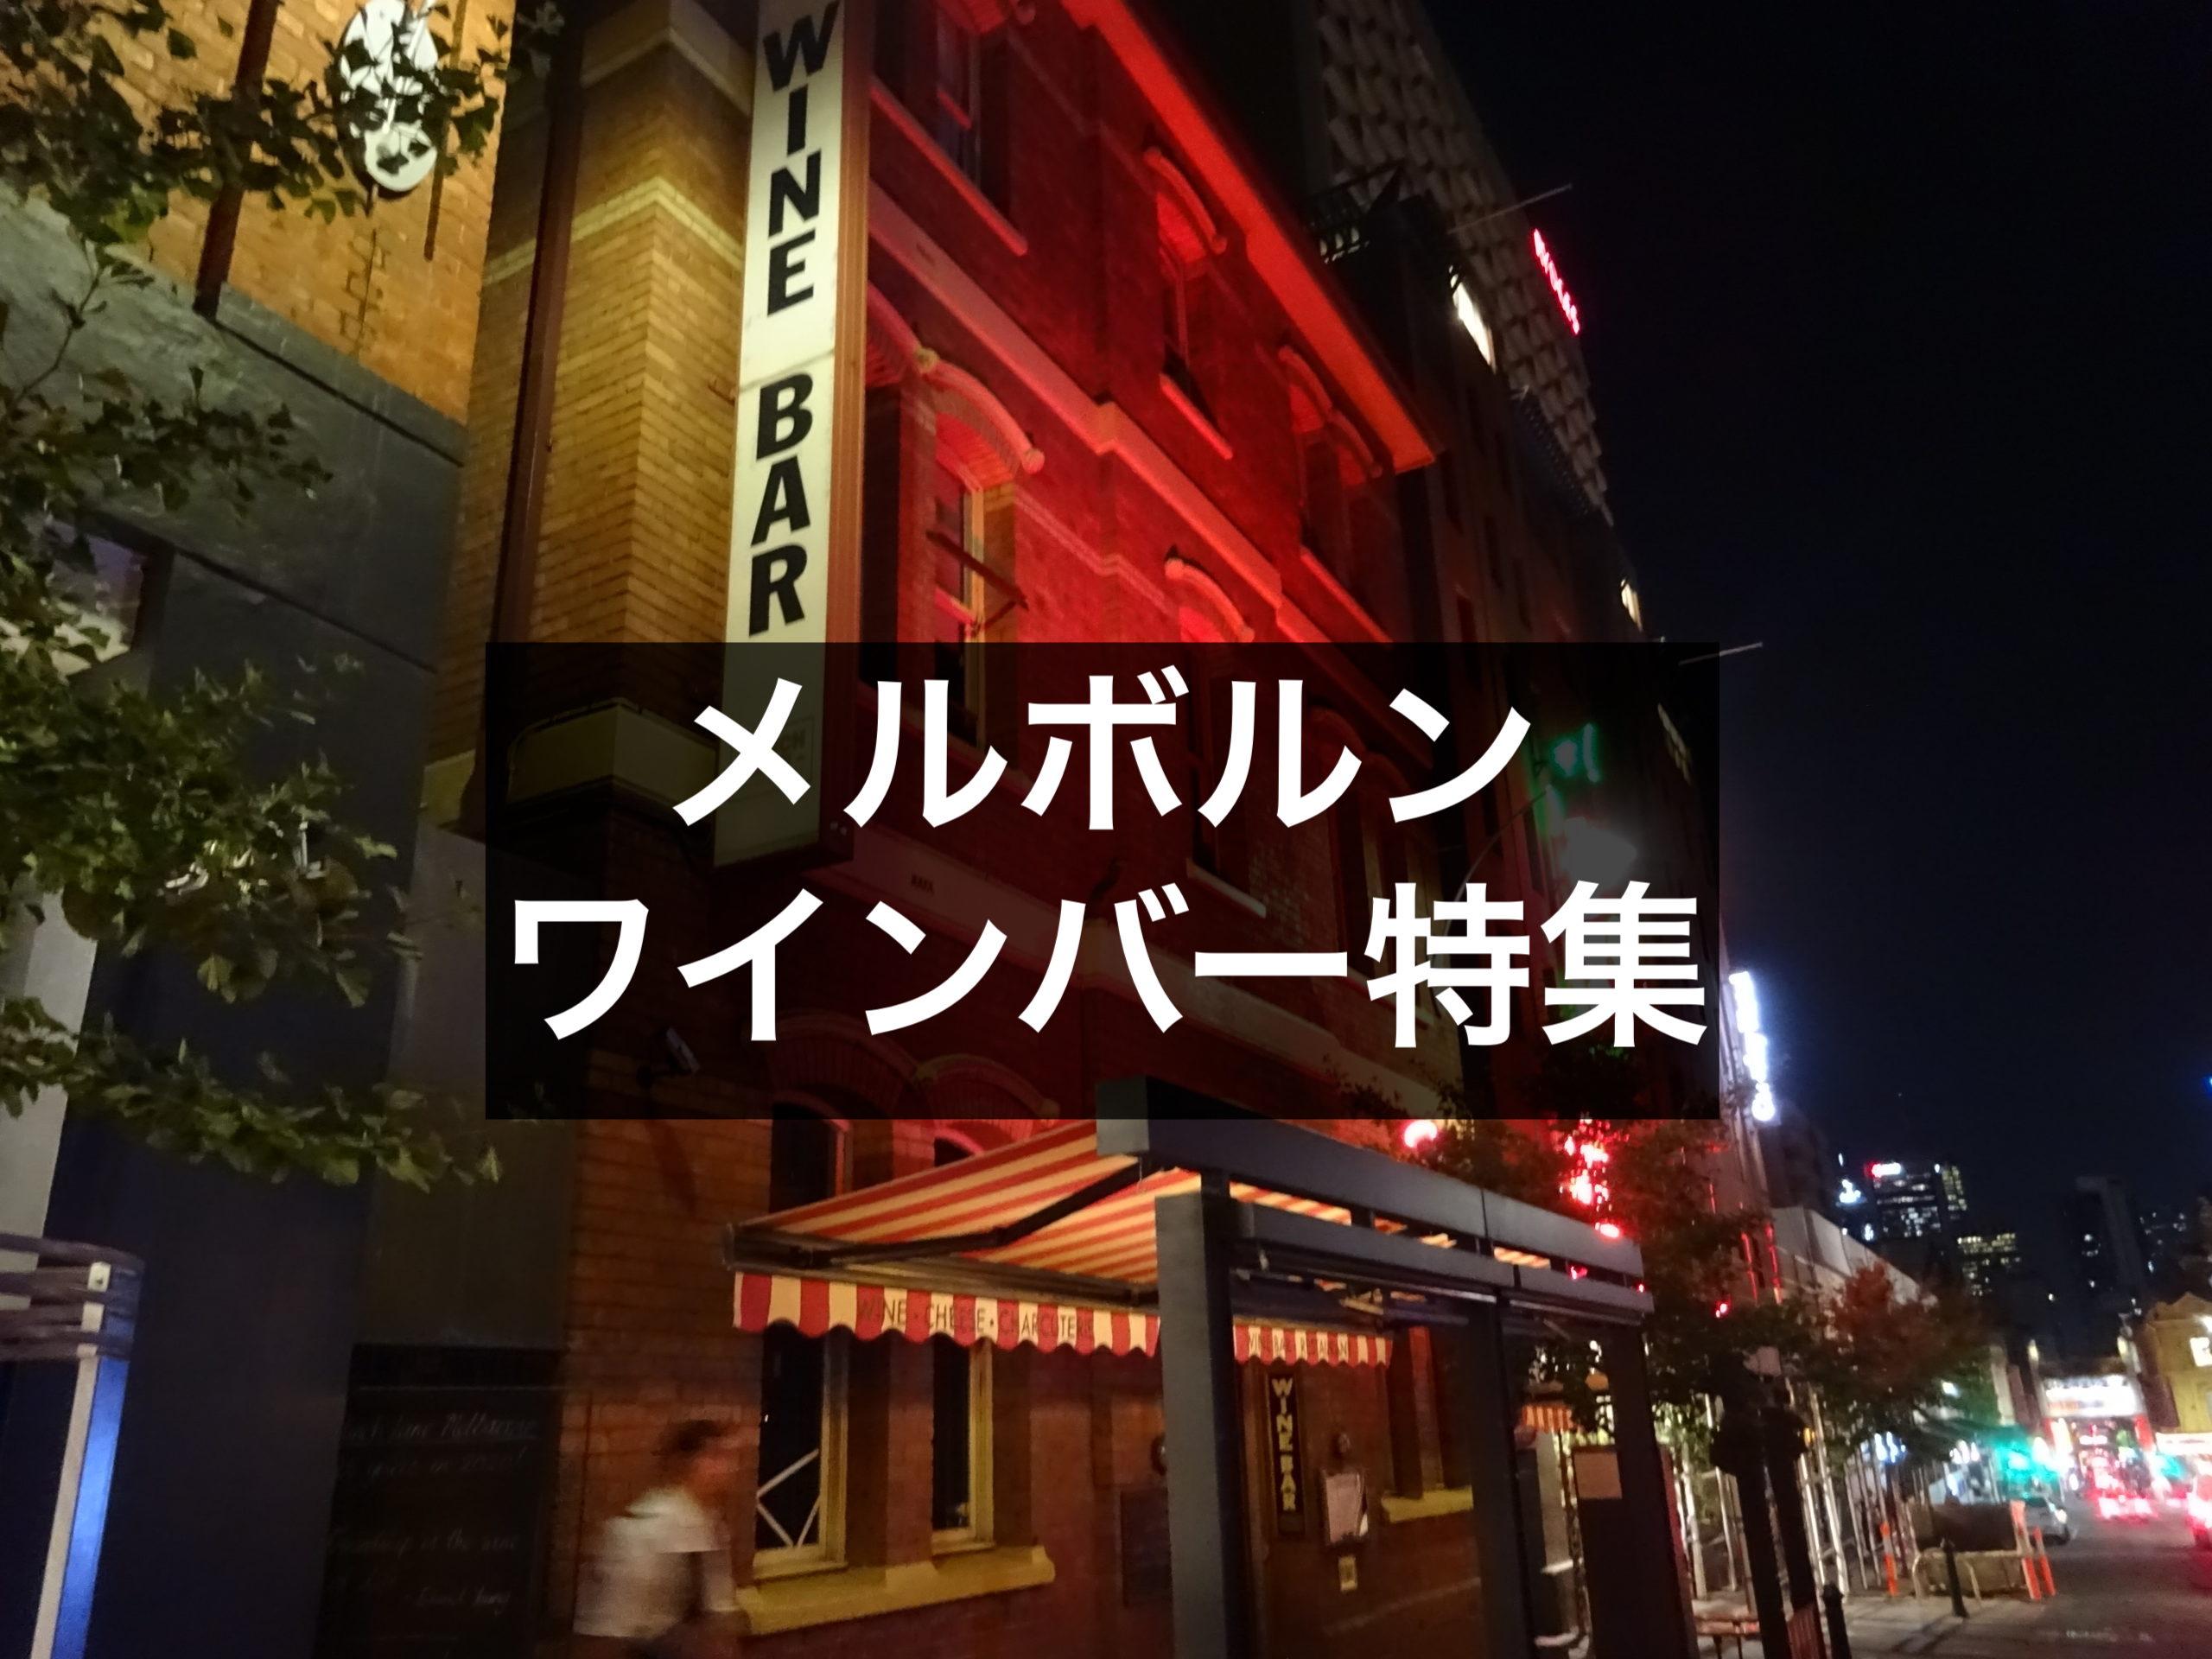 メルボルンおすすめワインバー特集|ガイドブックに載ってない名店多数!